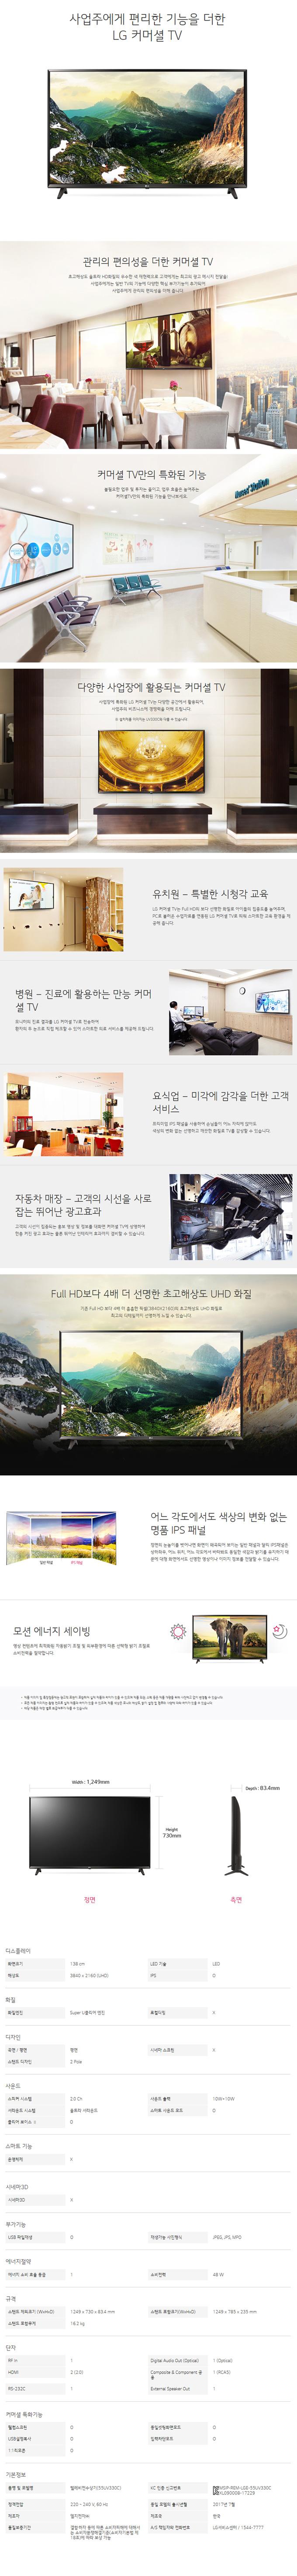 용산케이블 - LG 55인치 UHD TV (55UK861C) 상세보기